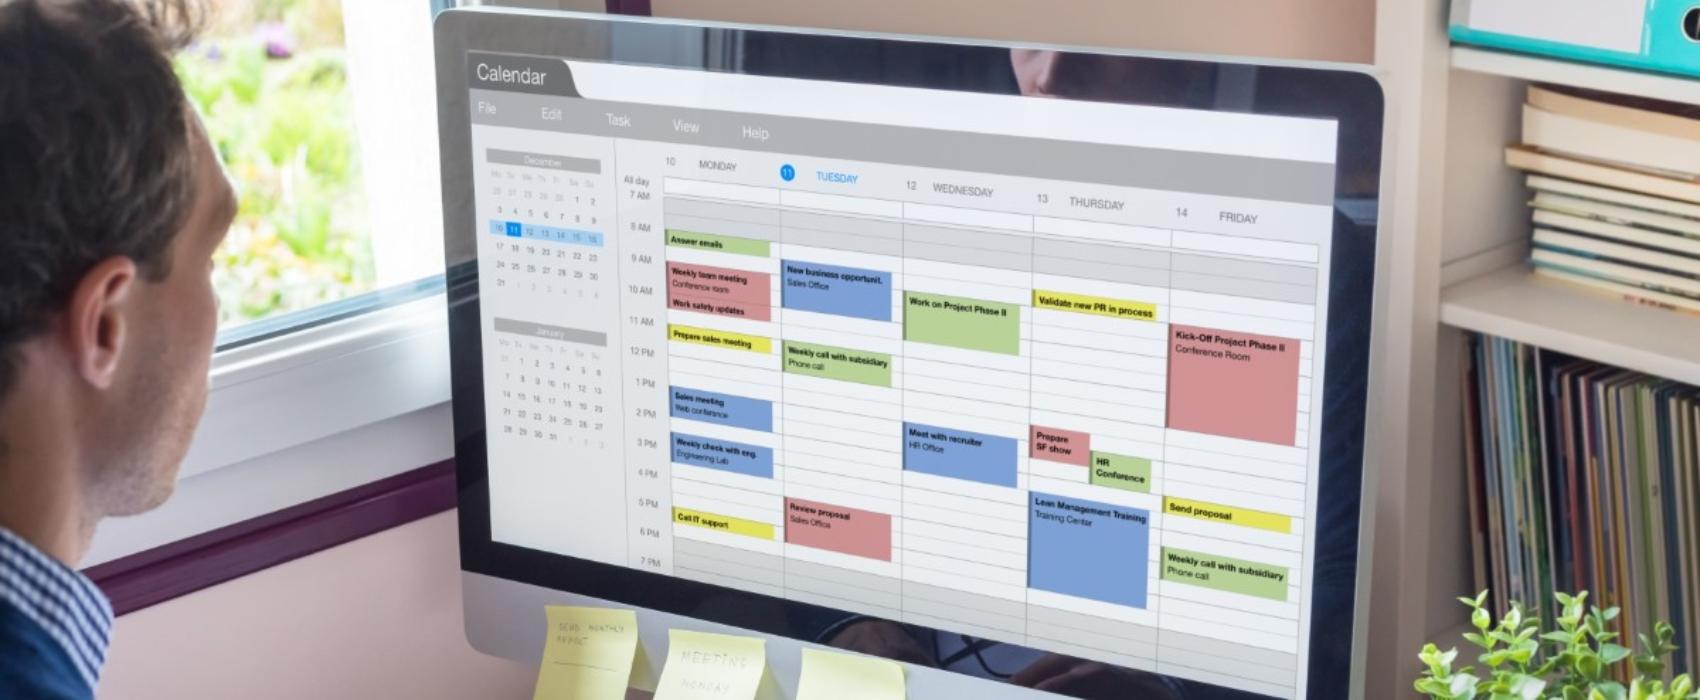 Harmonogram czasu pracy - kto jest za niego odpowiedzialny?